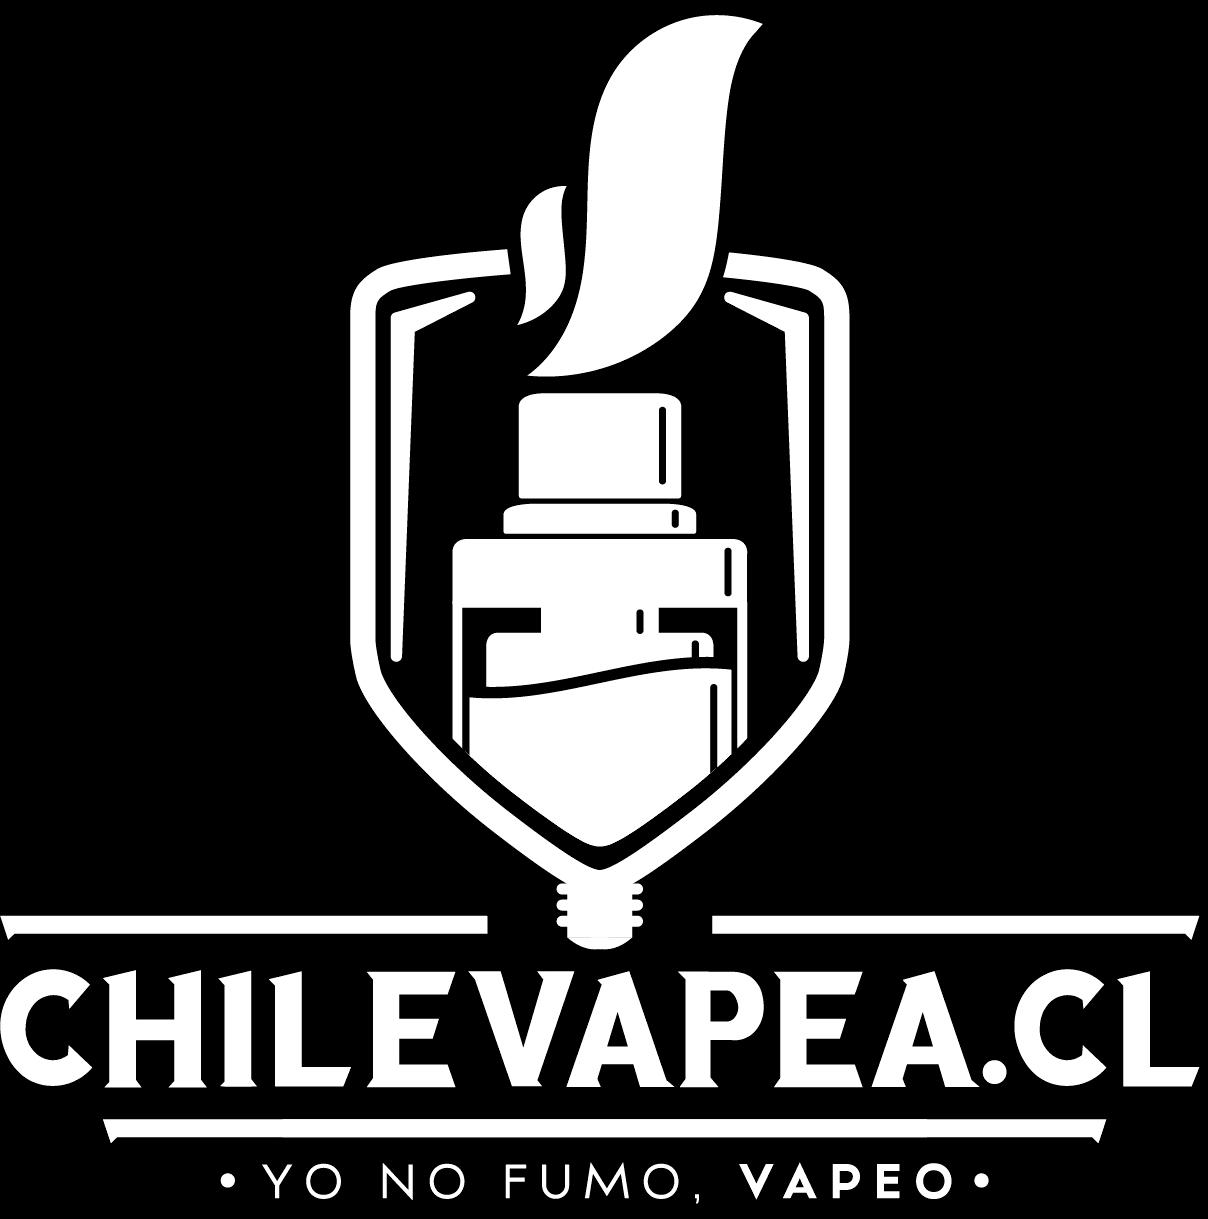 ChileVapea